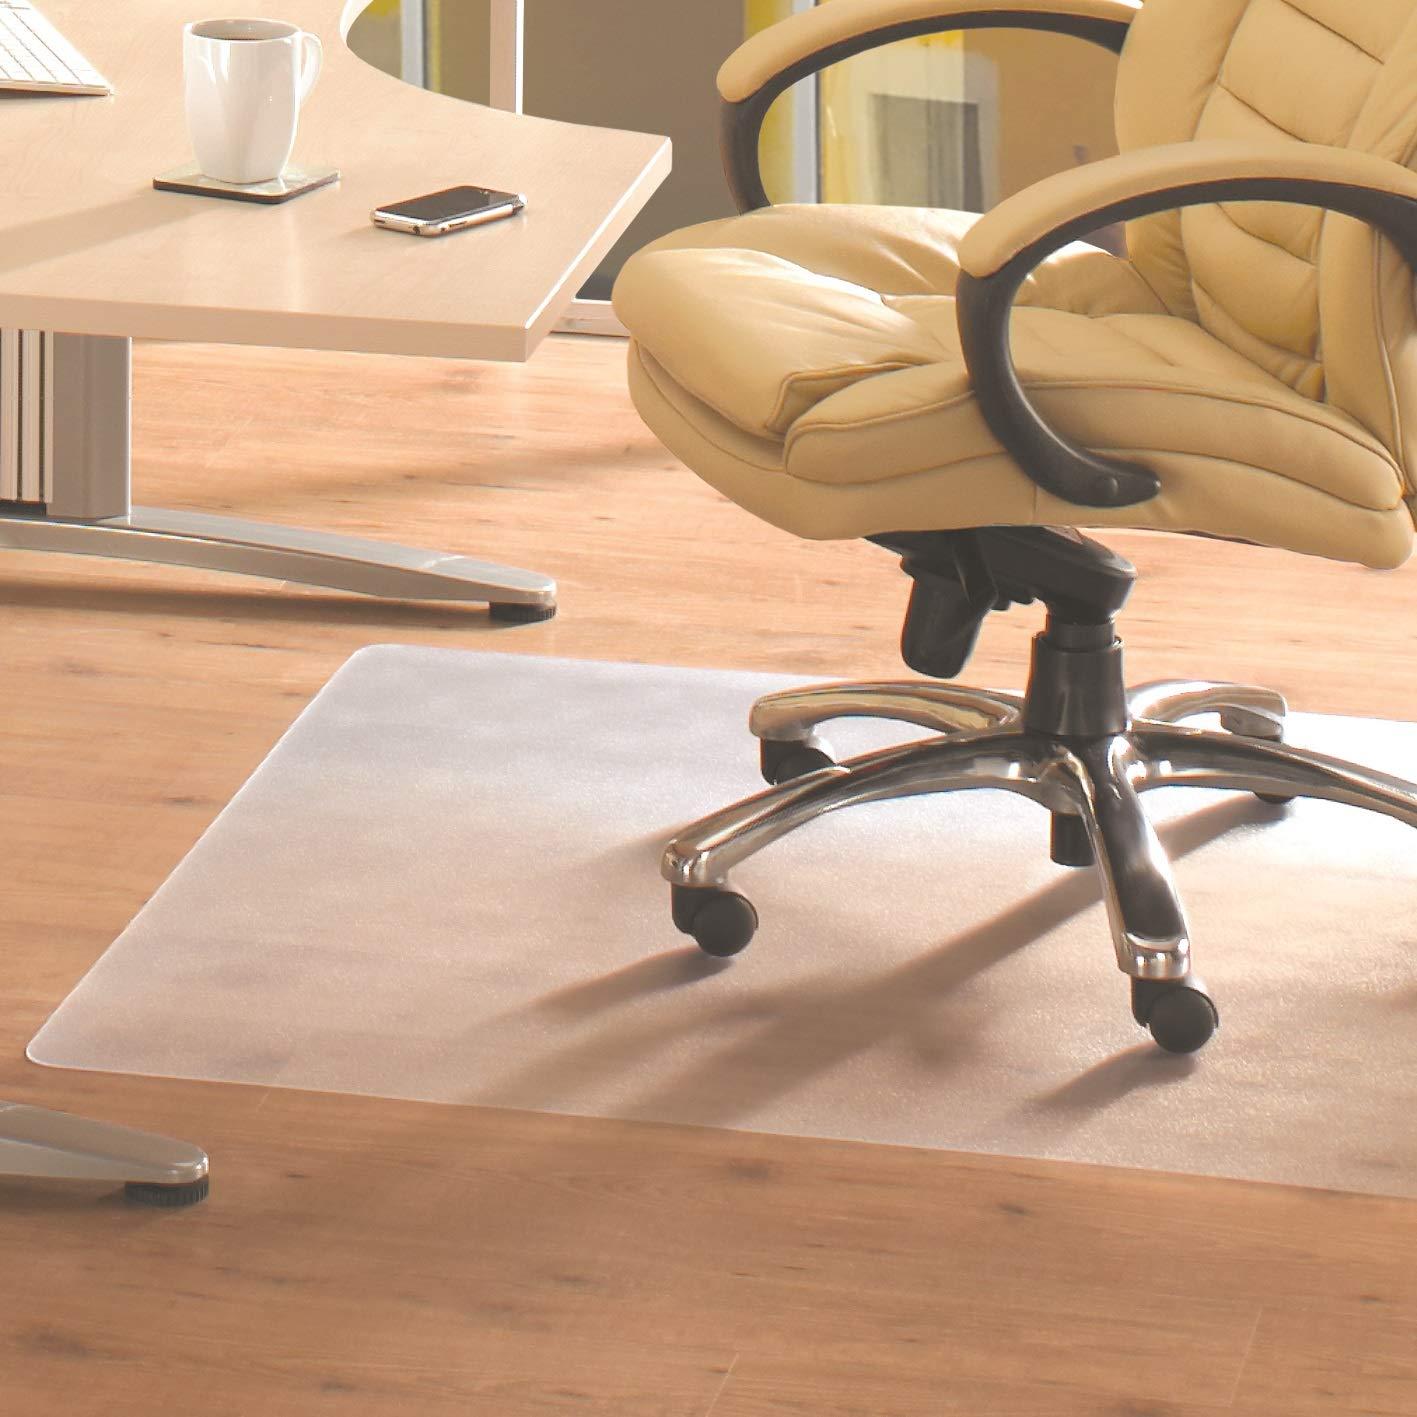 Rectangular Chair Mat For Hard Floor Cleartex Advantagemat 120 x 150 cm FC1215225EV